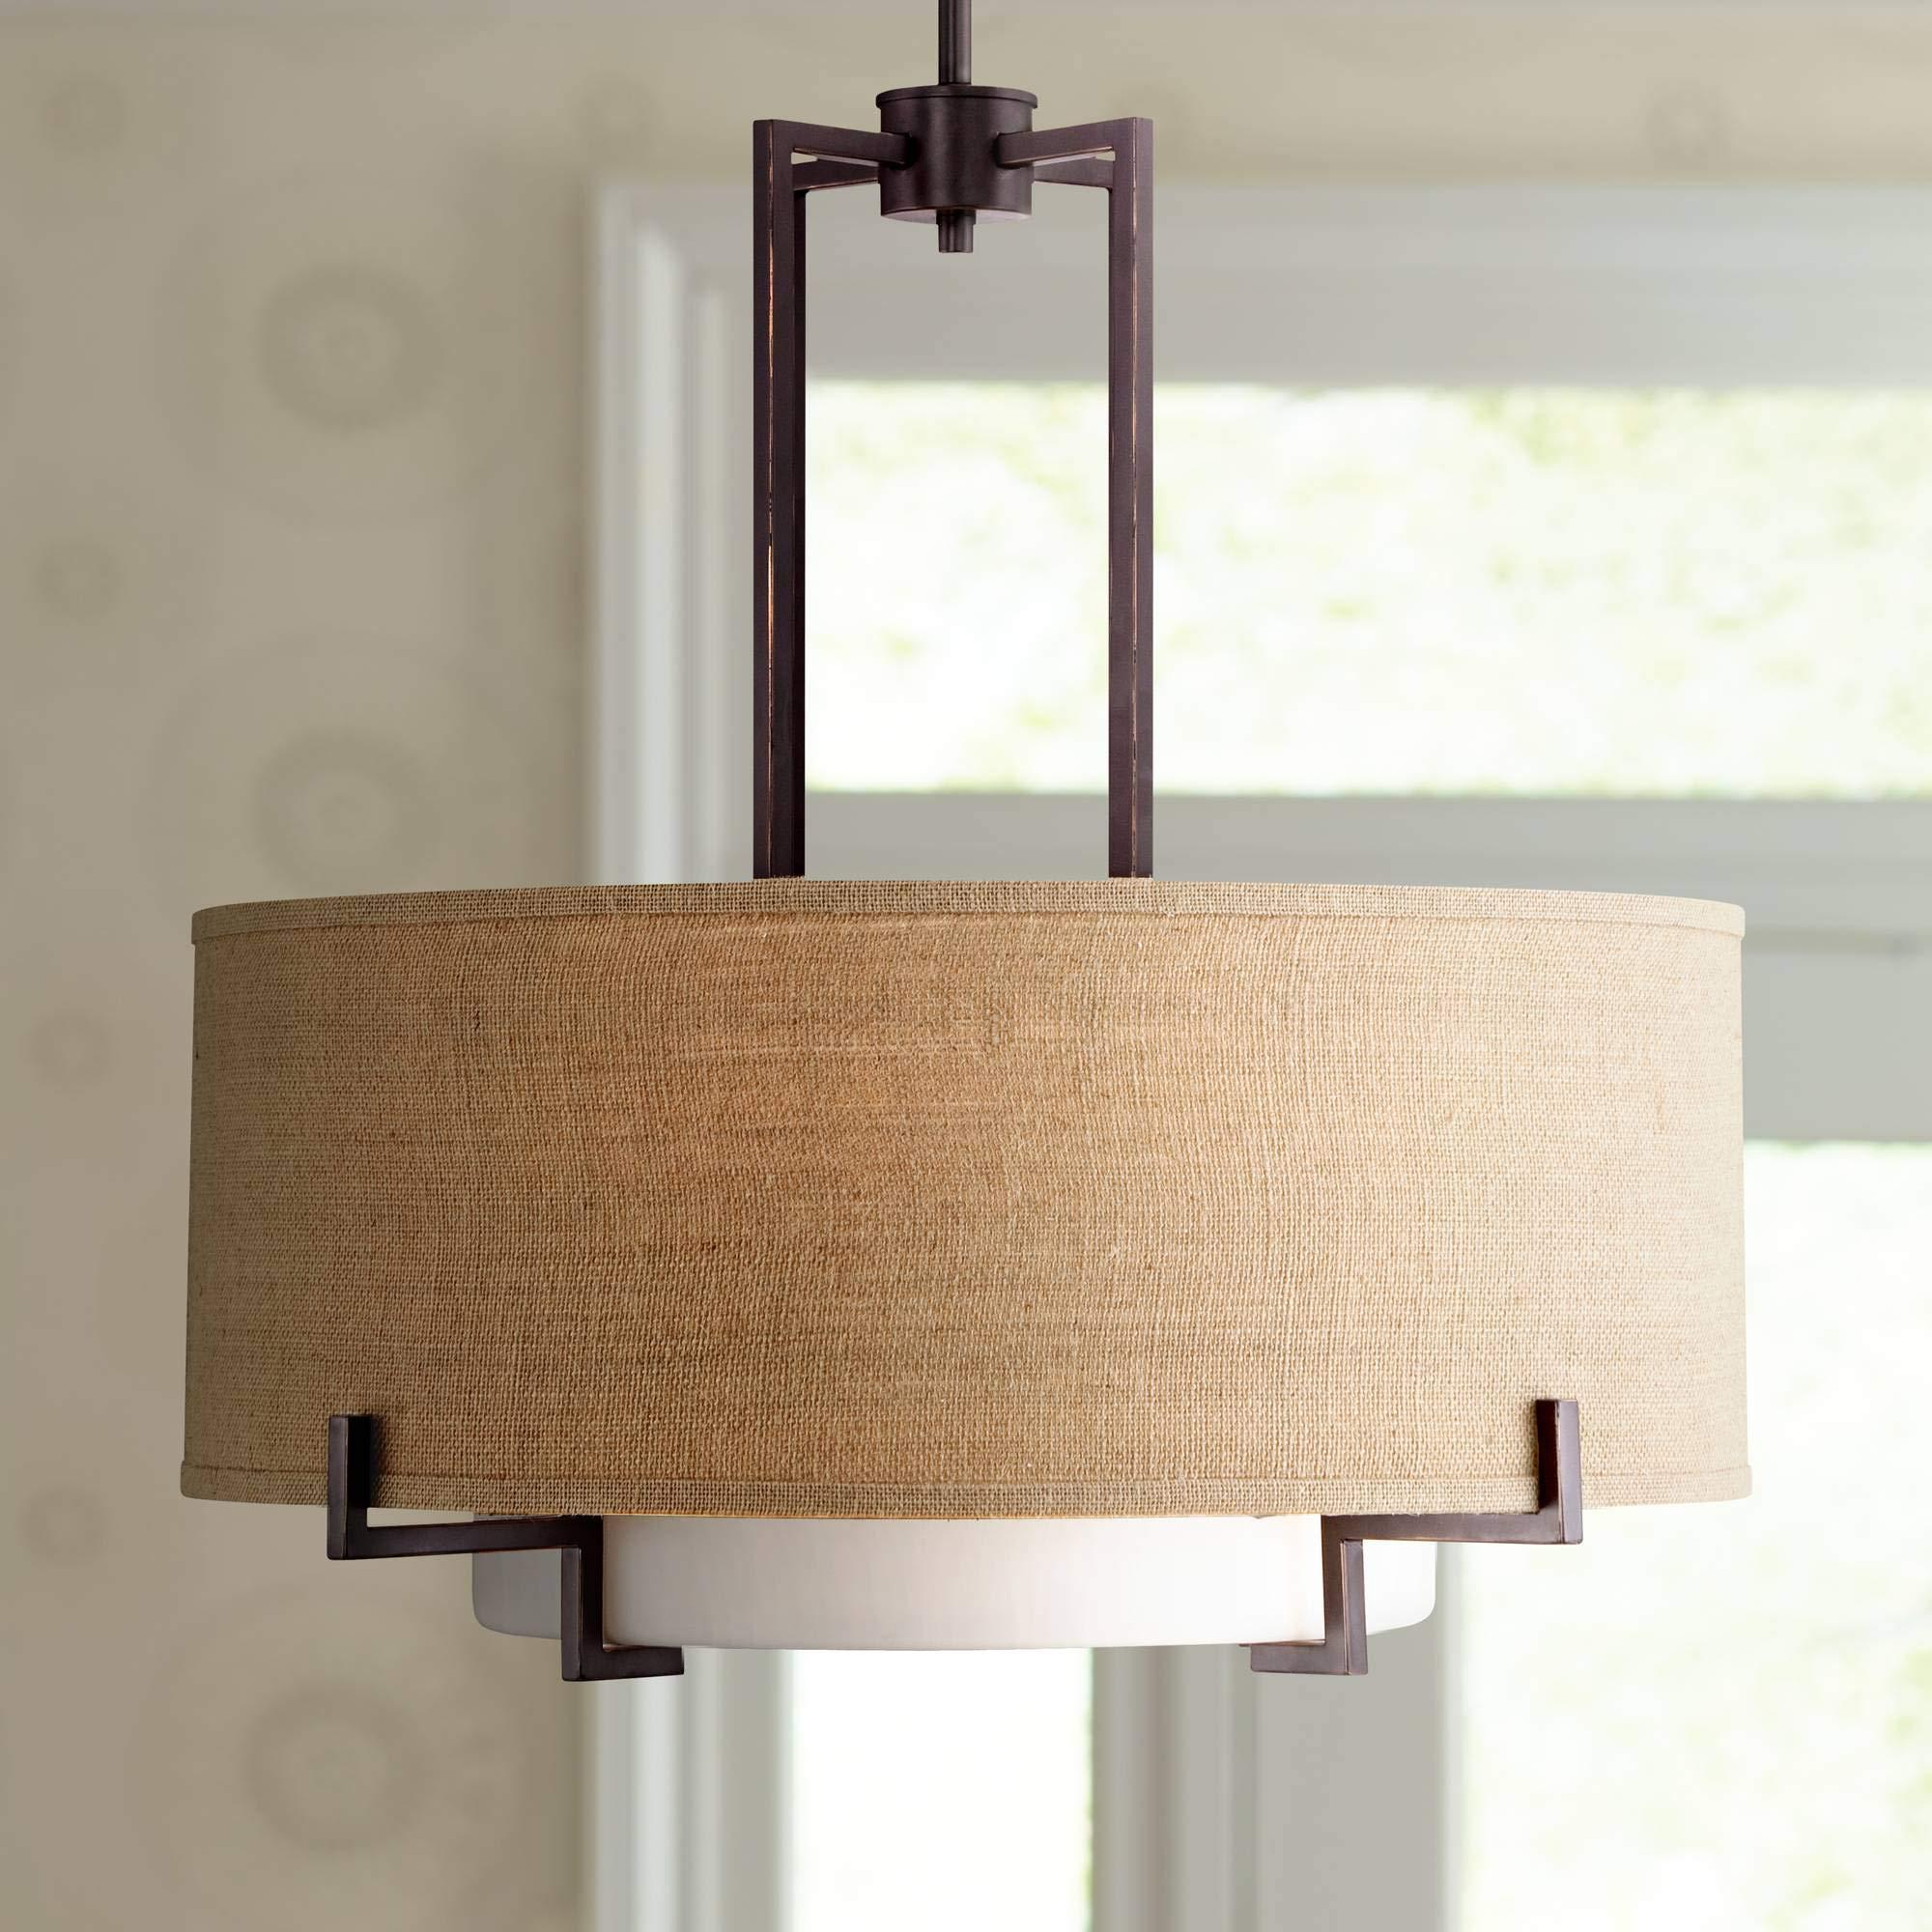 Possini Euro Concentric Shades 25'' Wide Bronze Pendant Light - Possini Euro Design